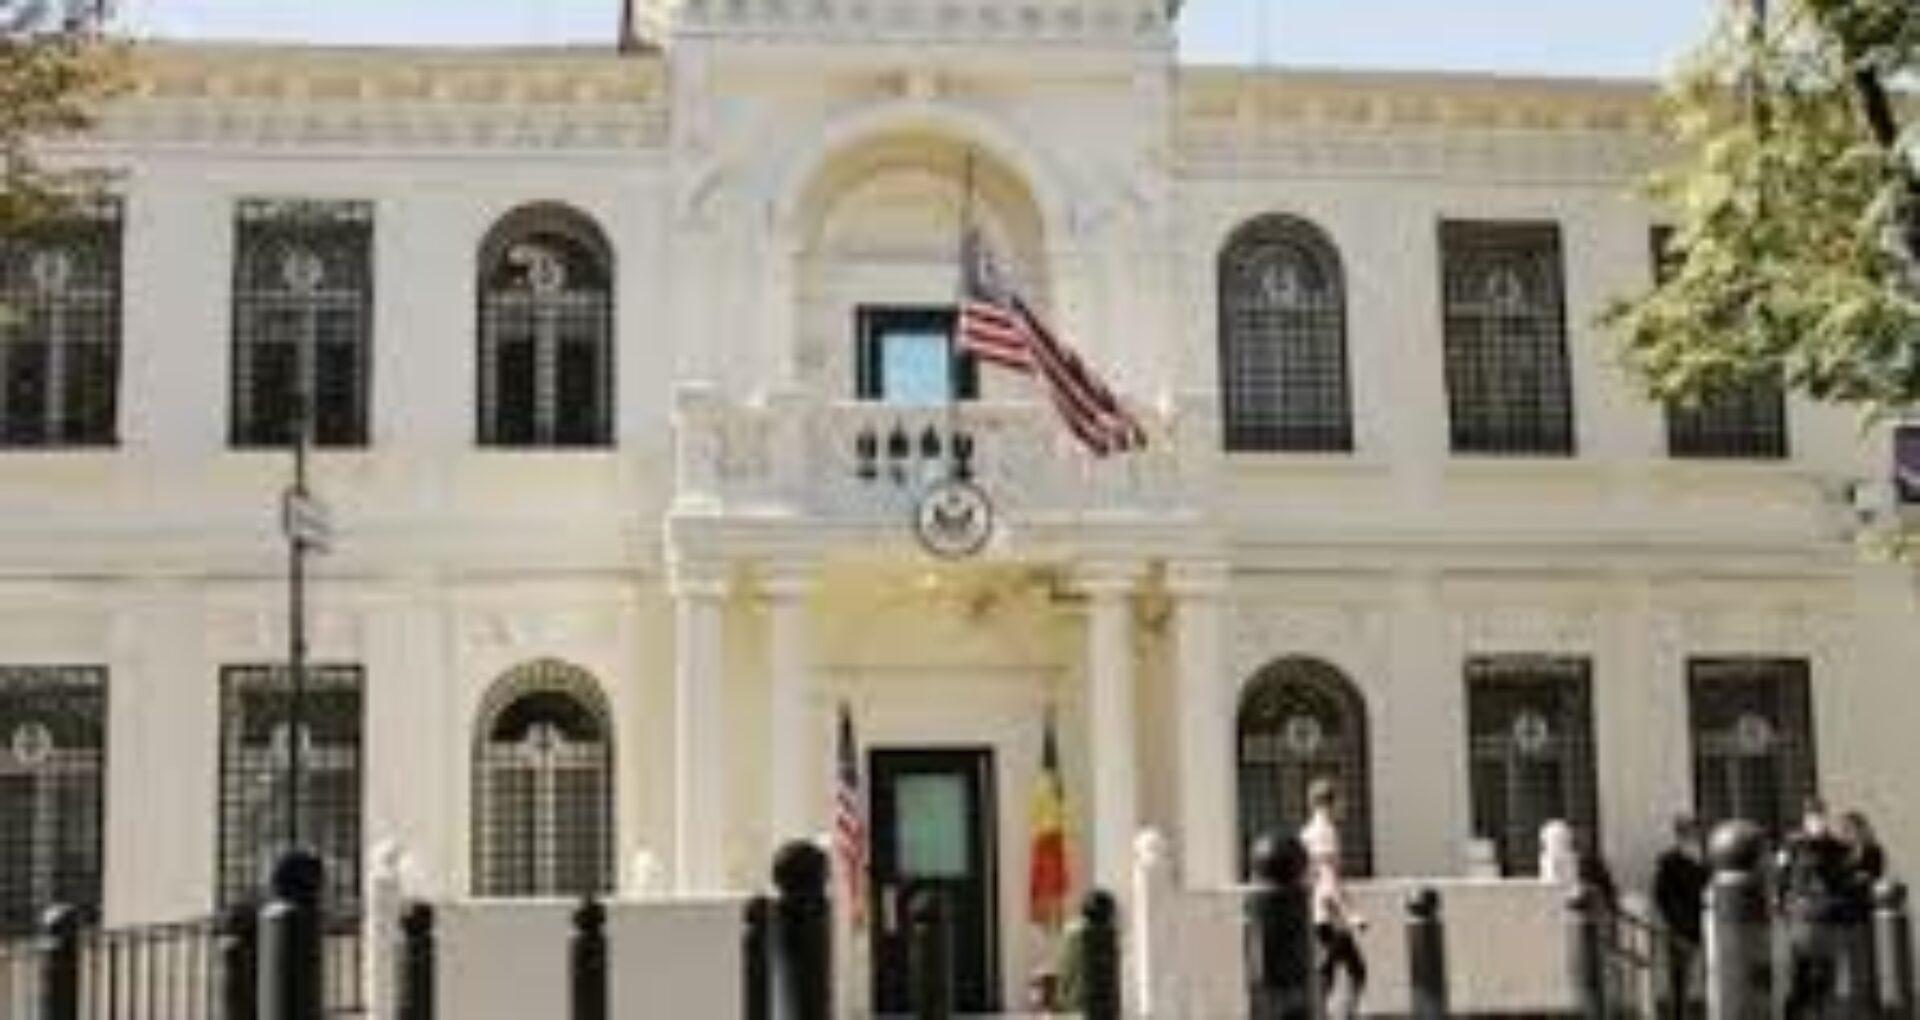 Poliție și mașini de urgență la Ambasada SUA din Chișinău